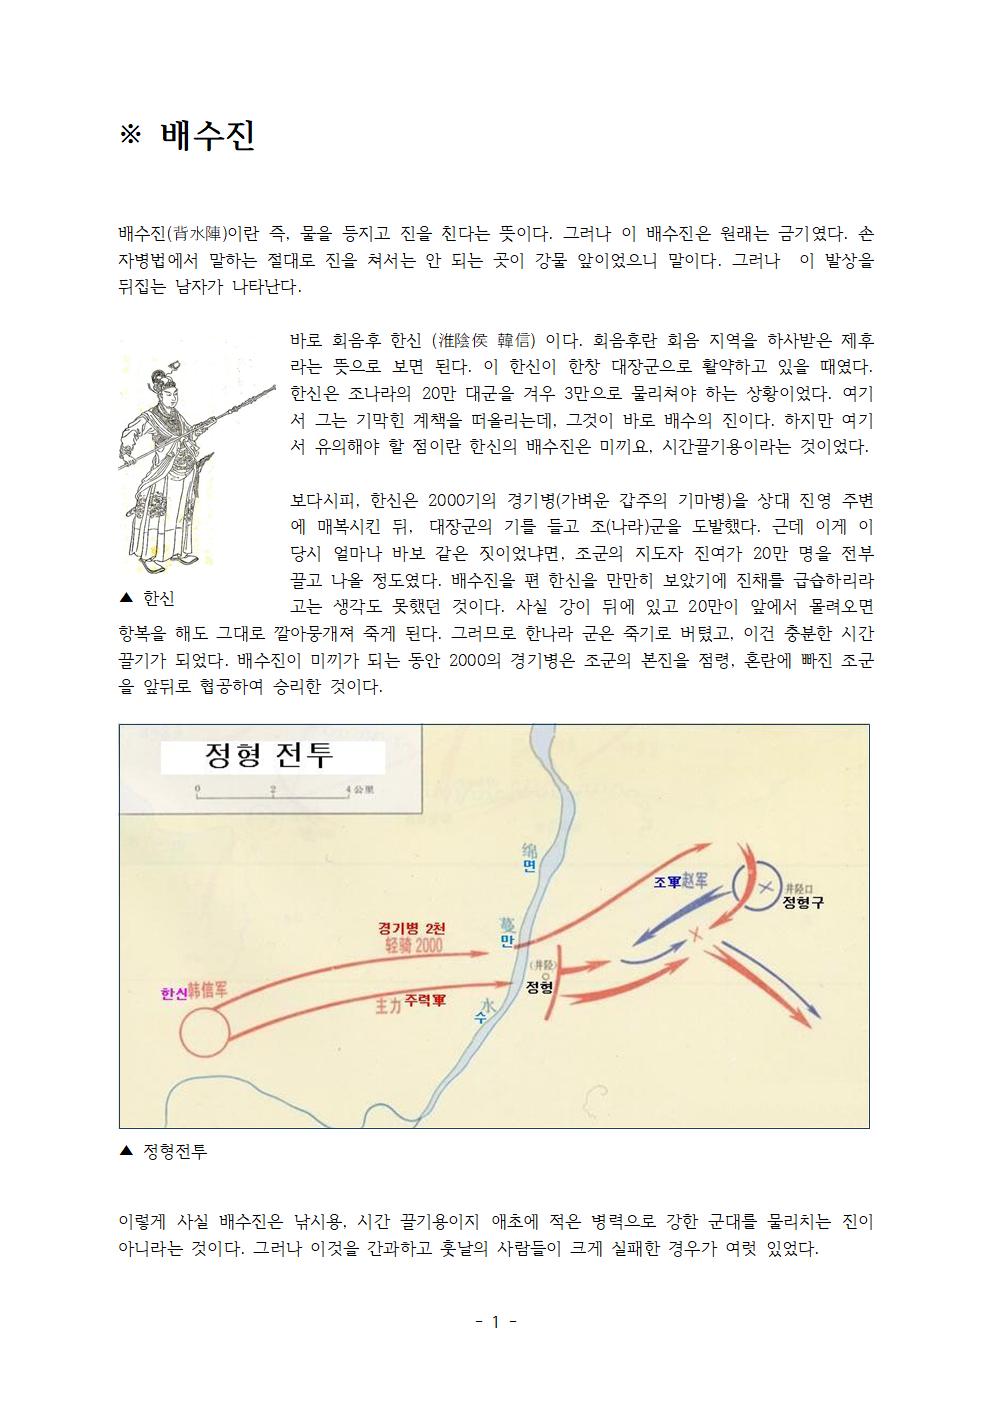 ※ 배수진(최원준) 수정001.png